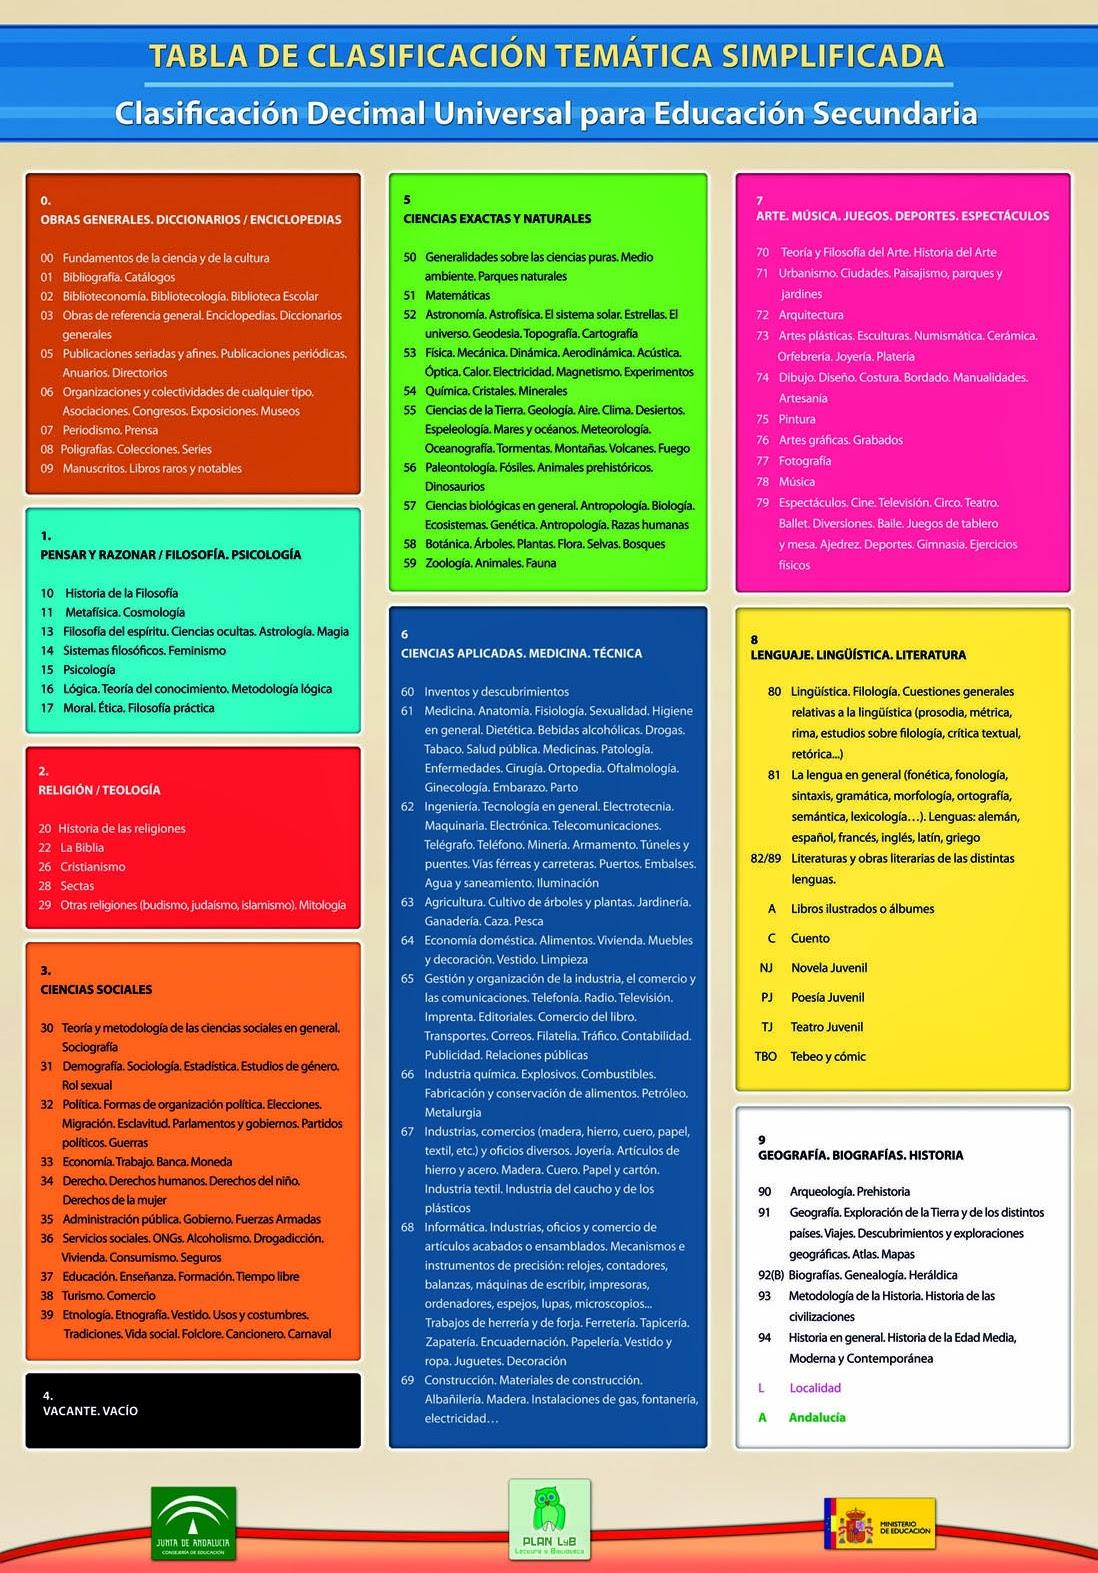 TABLA DE CLASIFICACIÓN TEMÁTICA